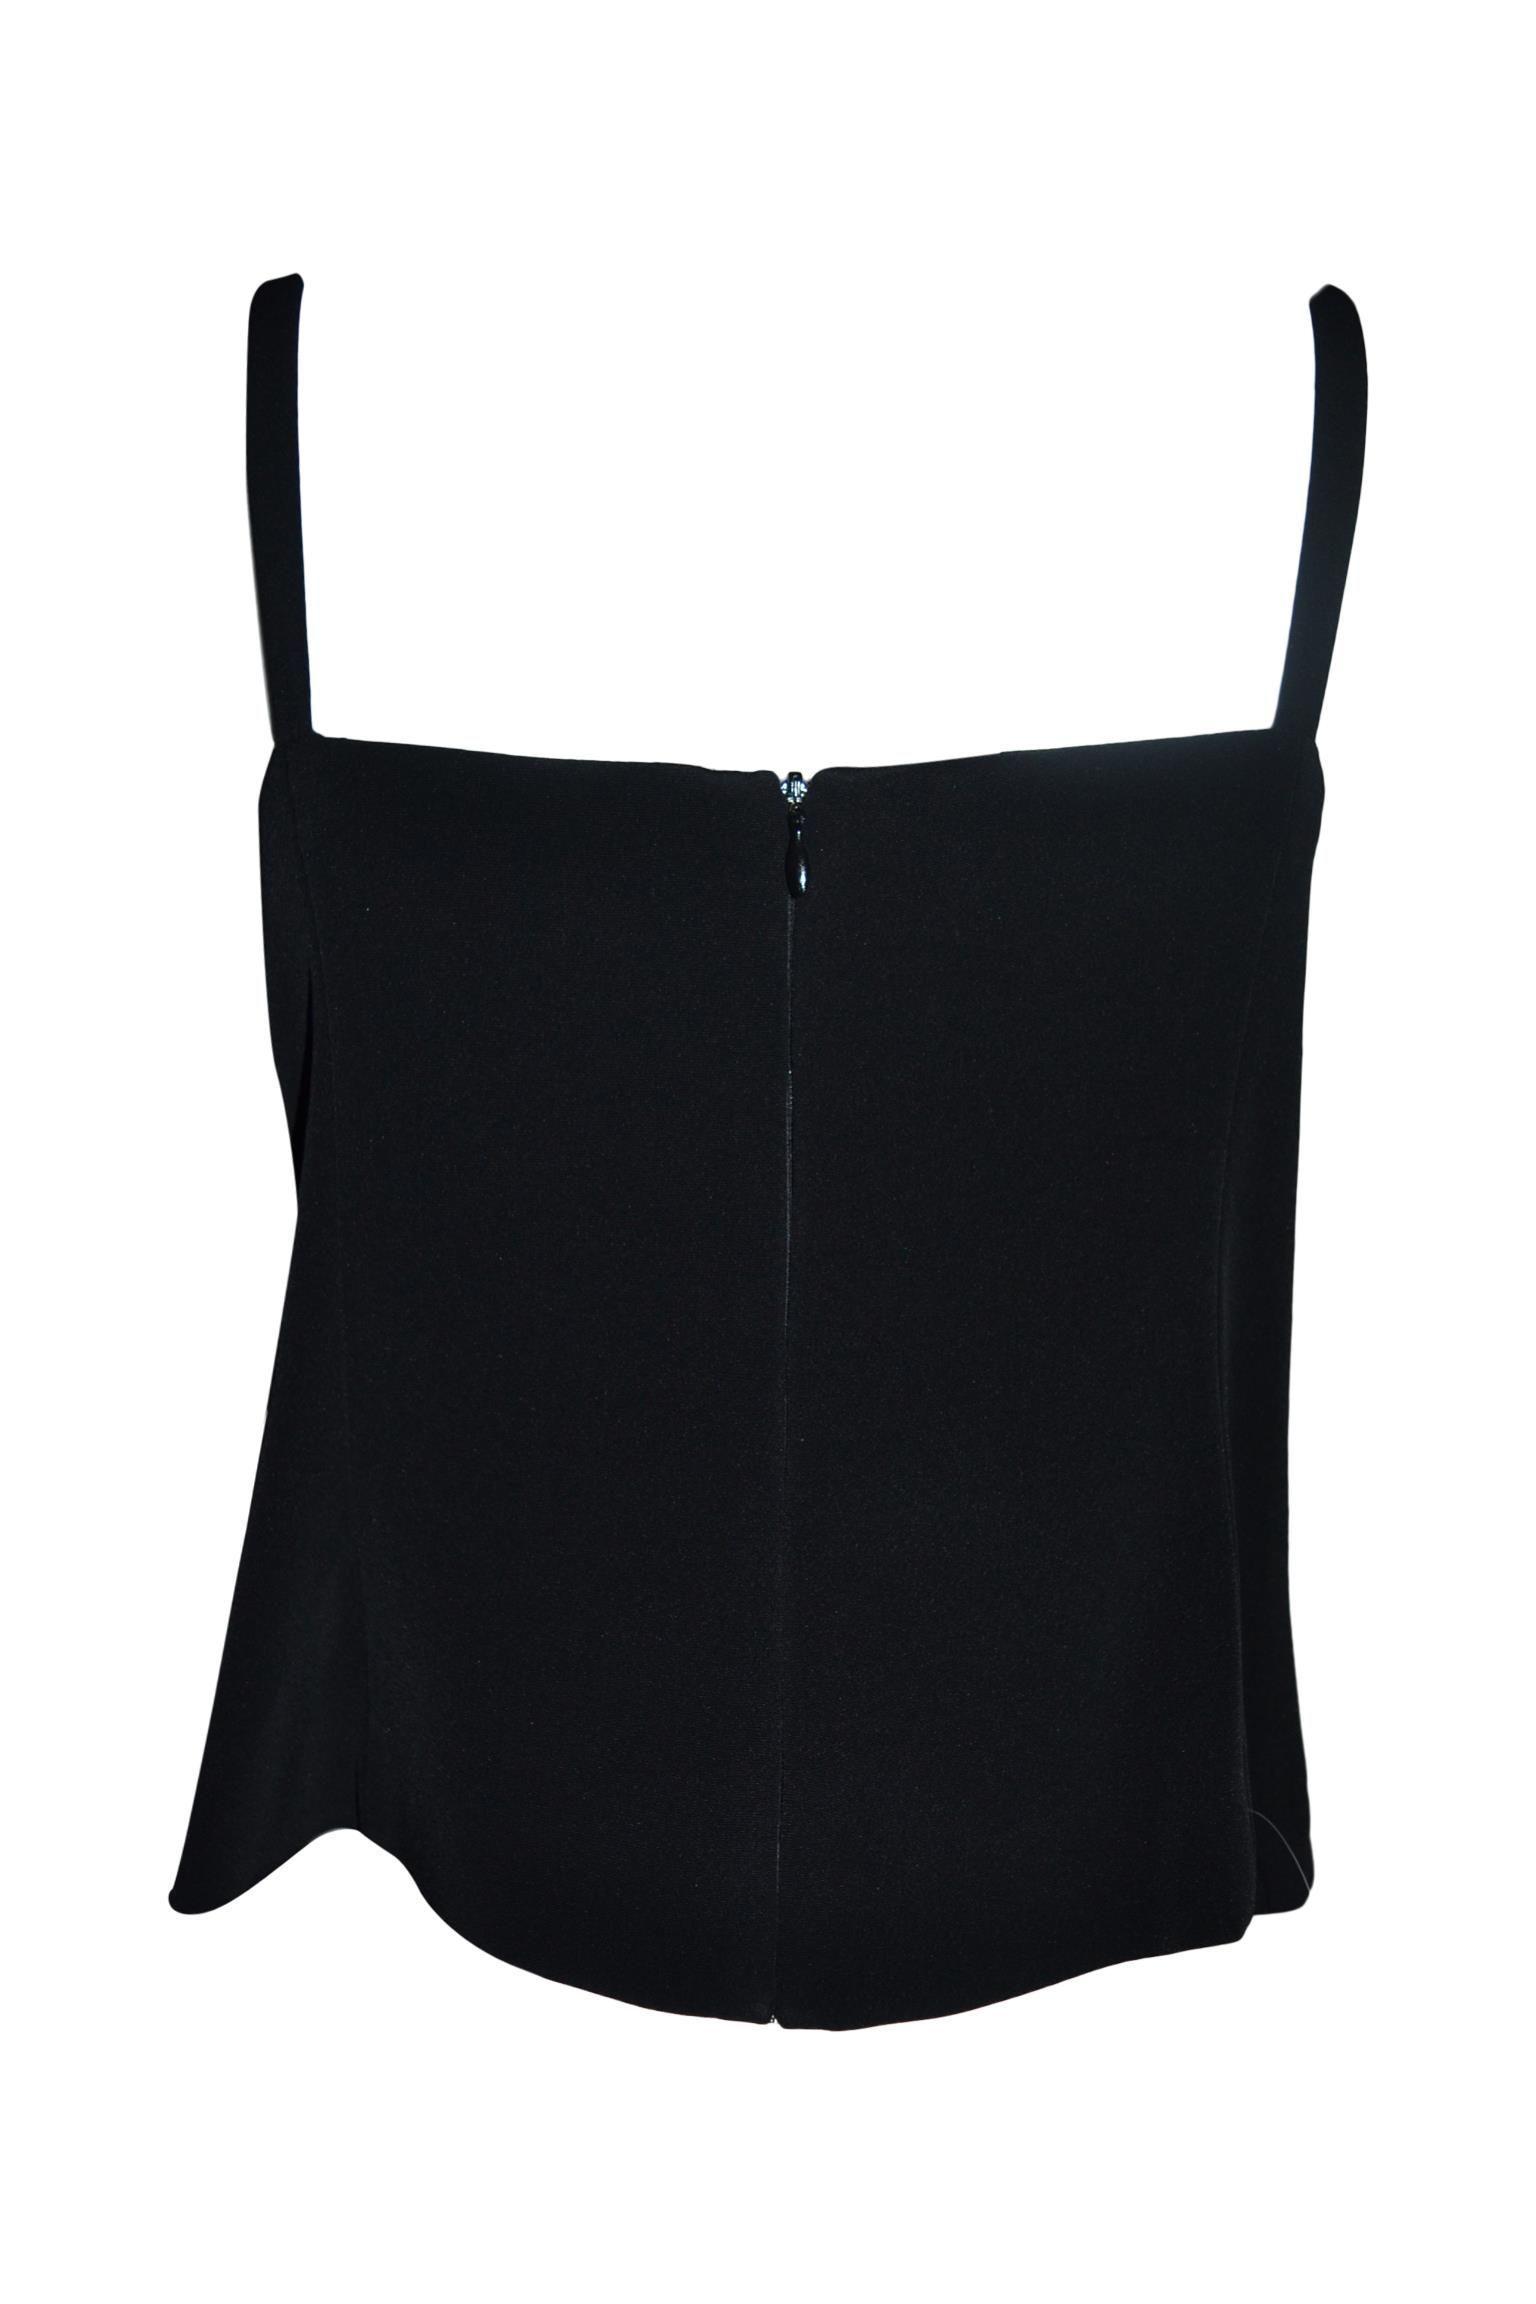 TWENTY EASY BY KAOS WOMEN'S 42TOP1030BLACK BLACK COTTON TOP